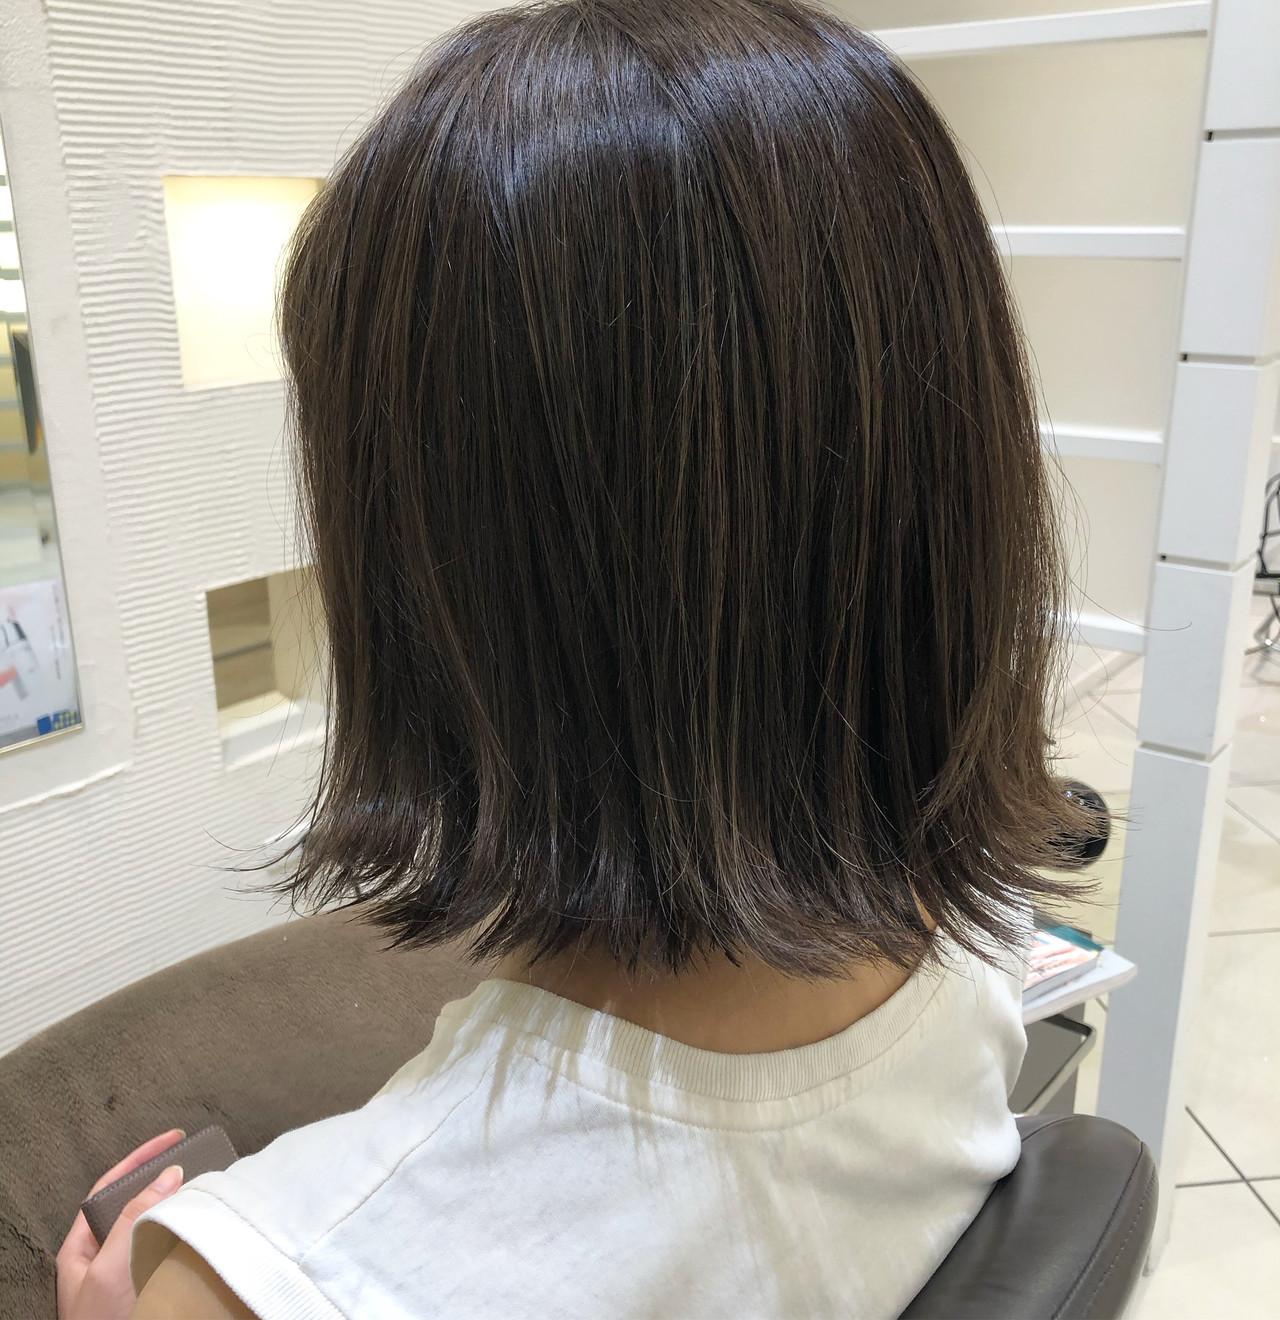 ボブ 切りっぱなしボブ 外ハネボブ 極細ハイライト ヘアスタイルや髪型の写真・画像